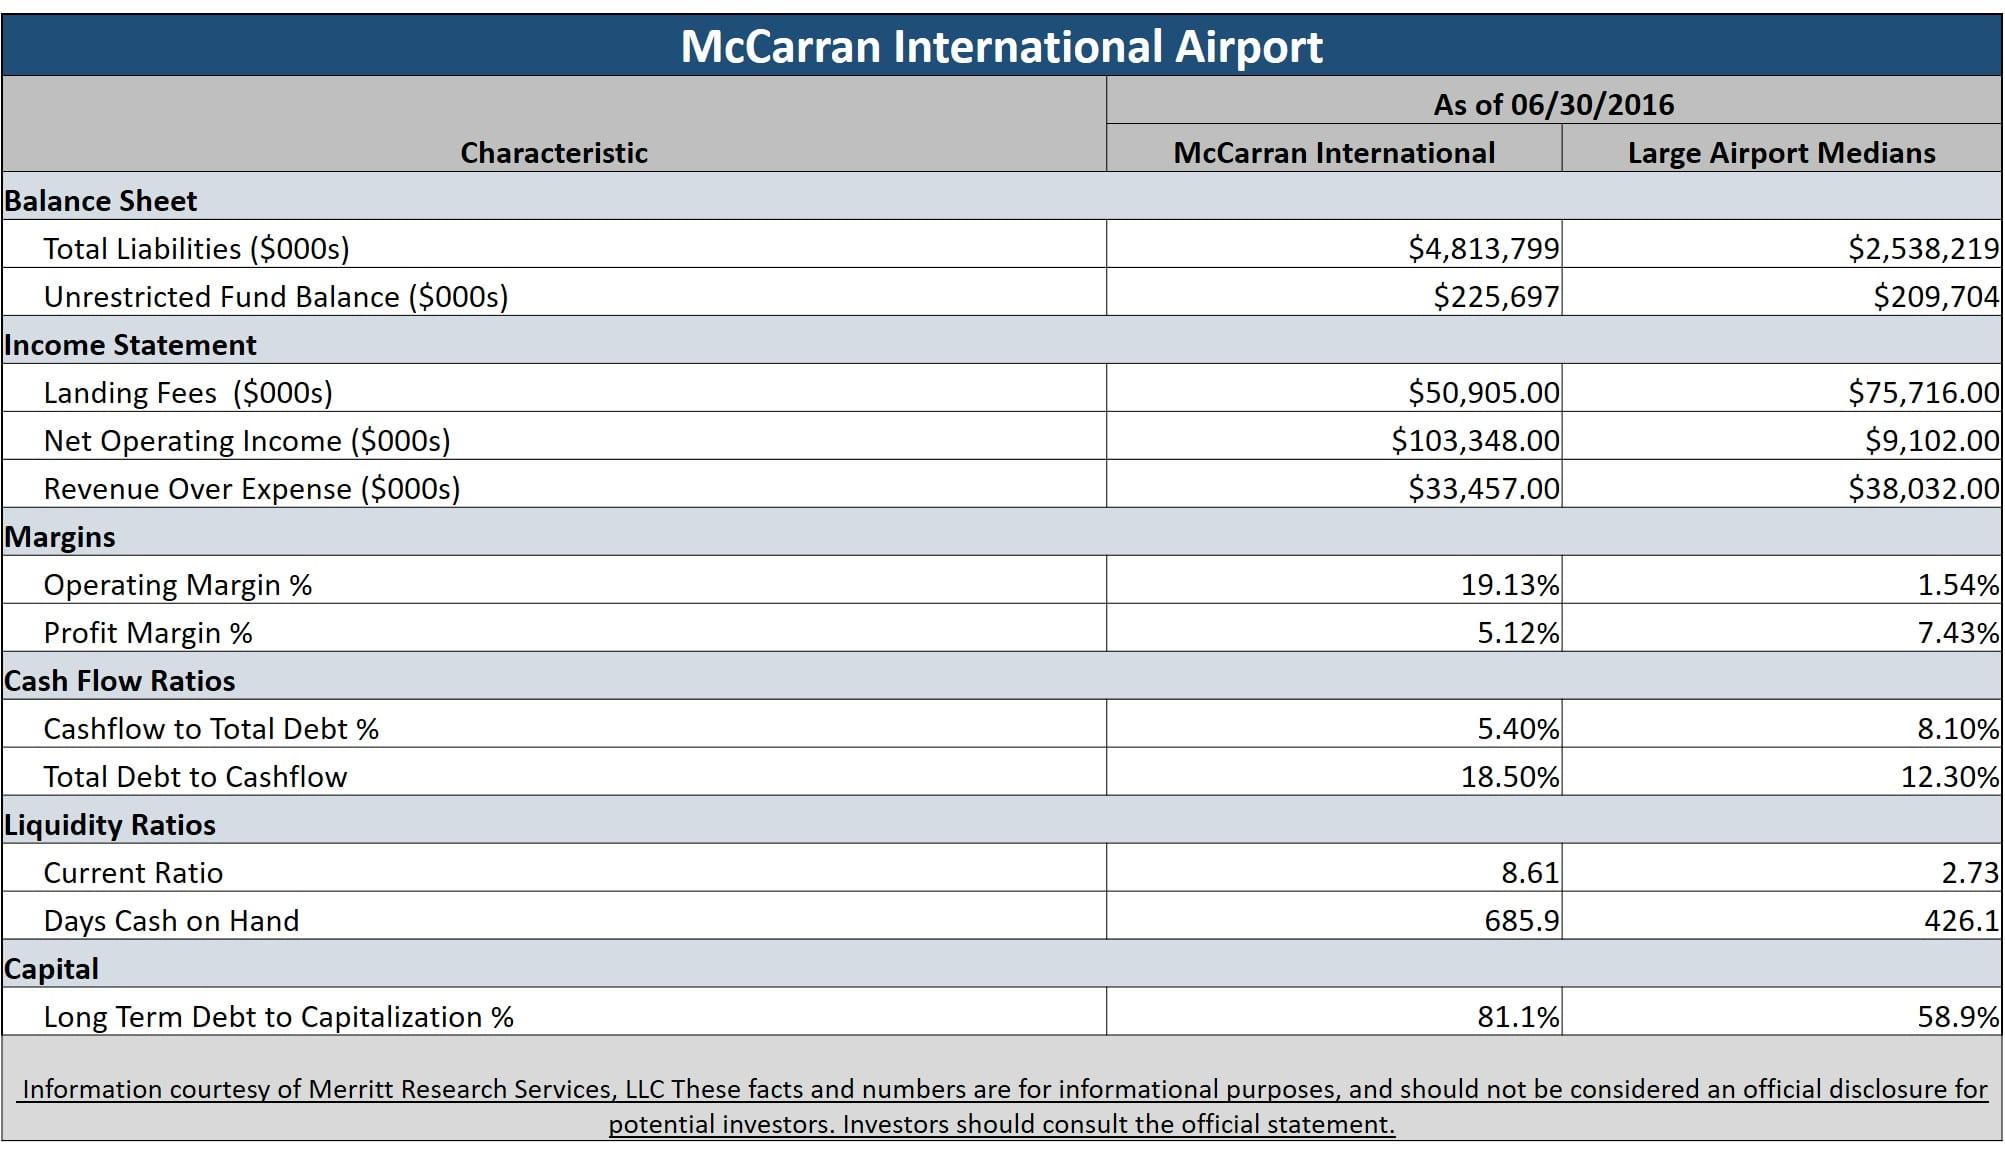 Municipal Bond Featured Snapshot - McCann International Airport